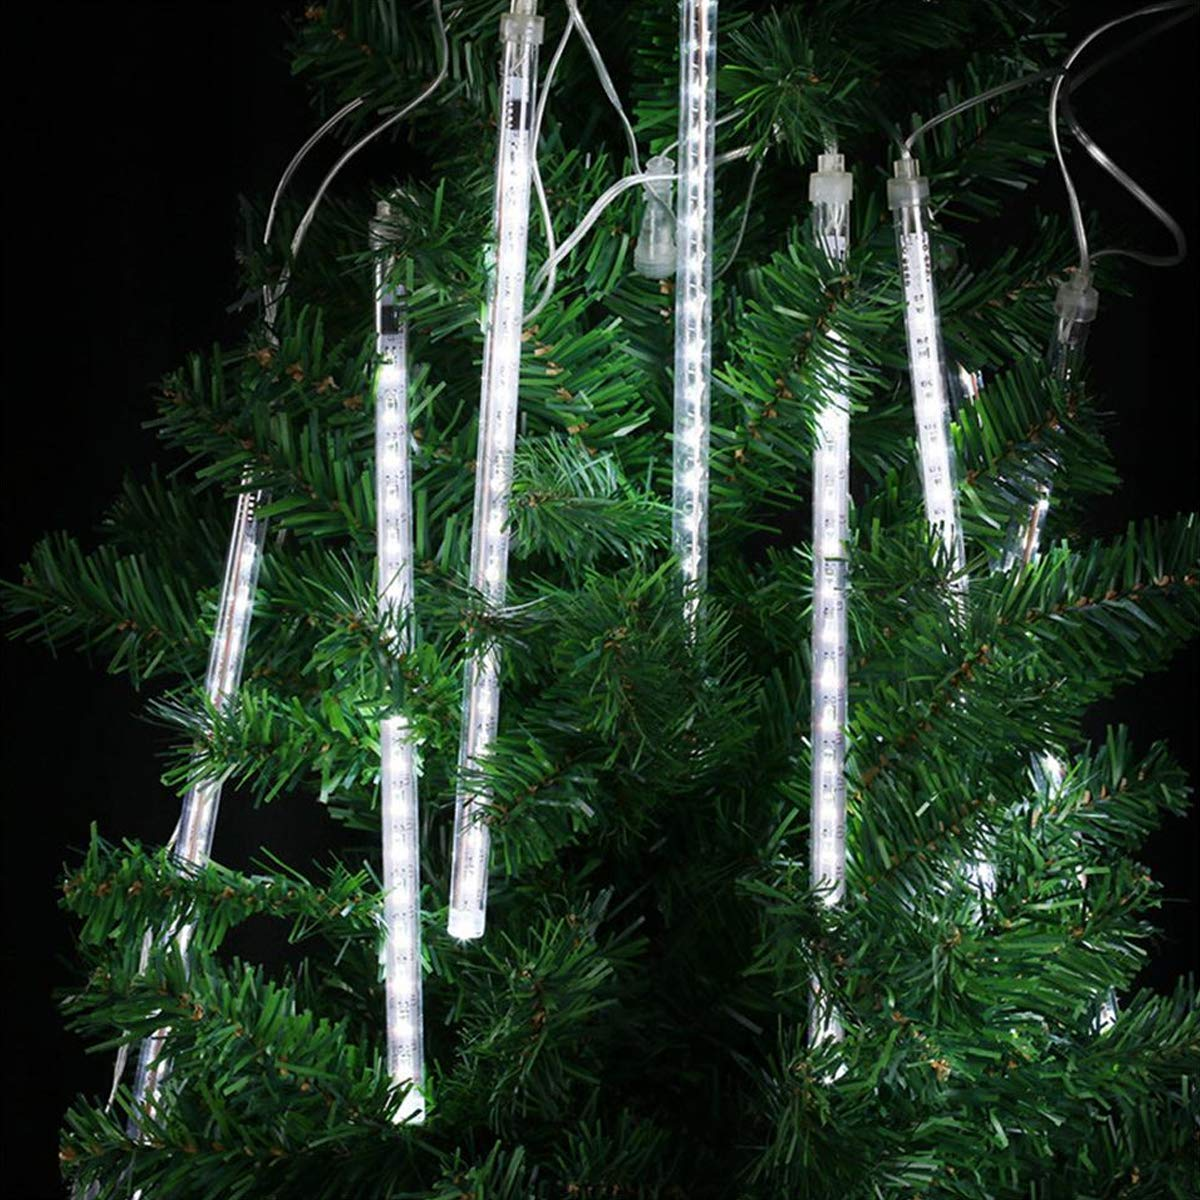 ABelle Bianco Meteor Doccia Pioggia Luci Impermeabili Della Corda Per Festa di Nozze Decorazione Dell\'Albero di Natale di Natale 30 Centimeter 8 tubo Luci Natalizie Per Esterni, 2 Pezzi